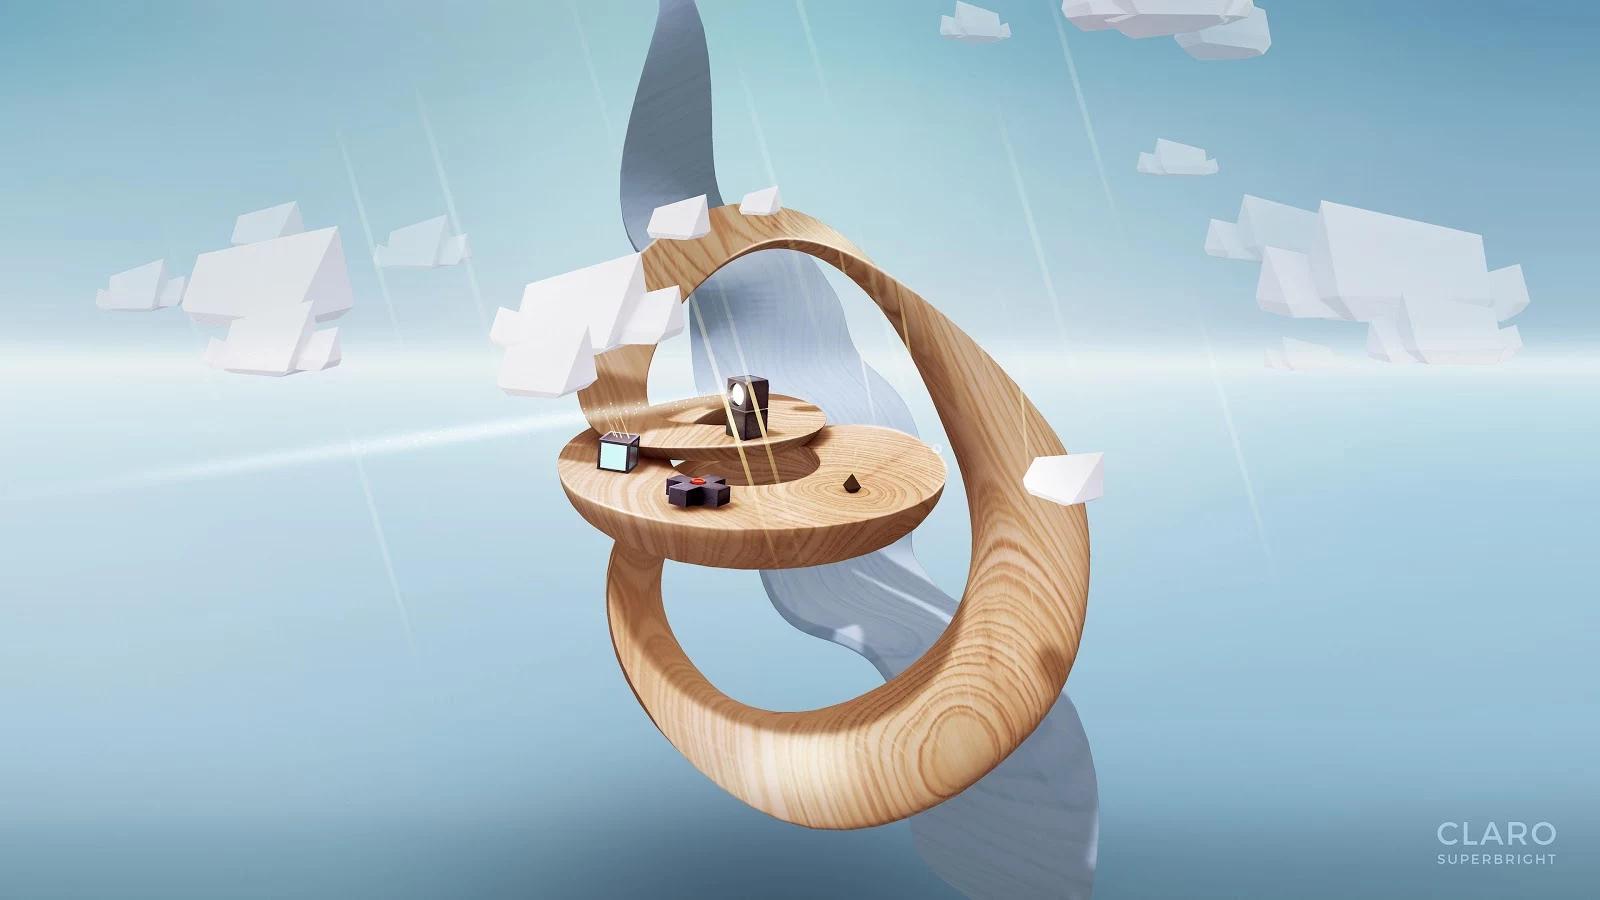 克拉罗VR(含数据包)图8